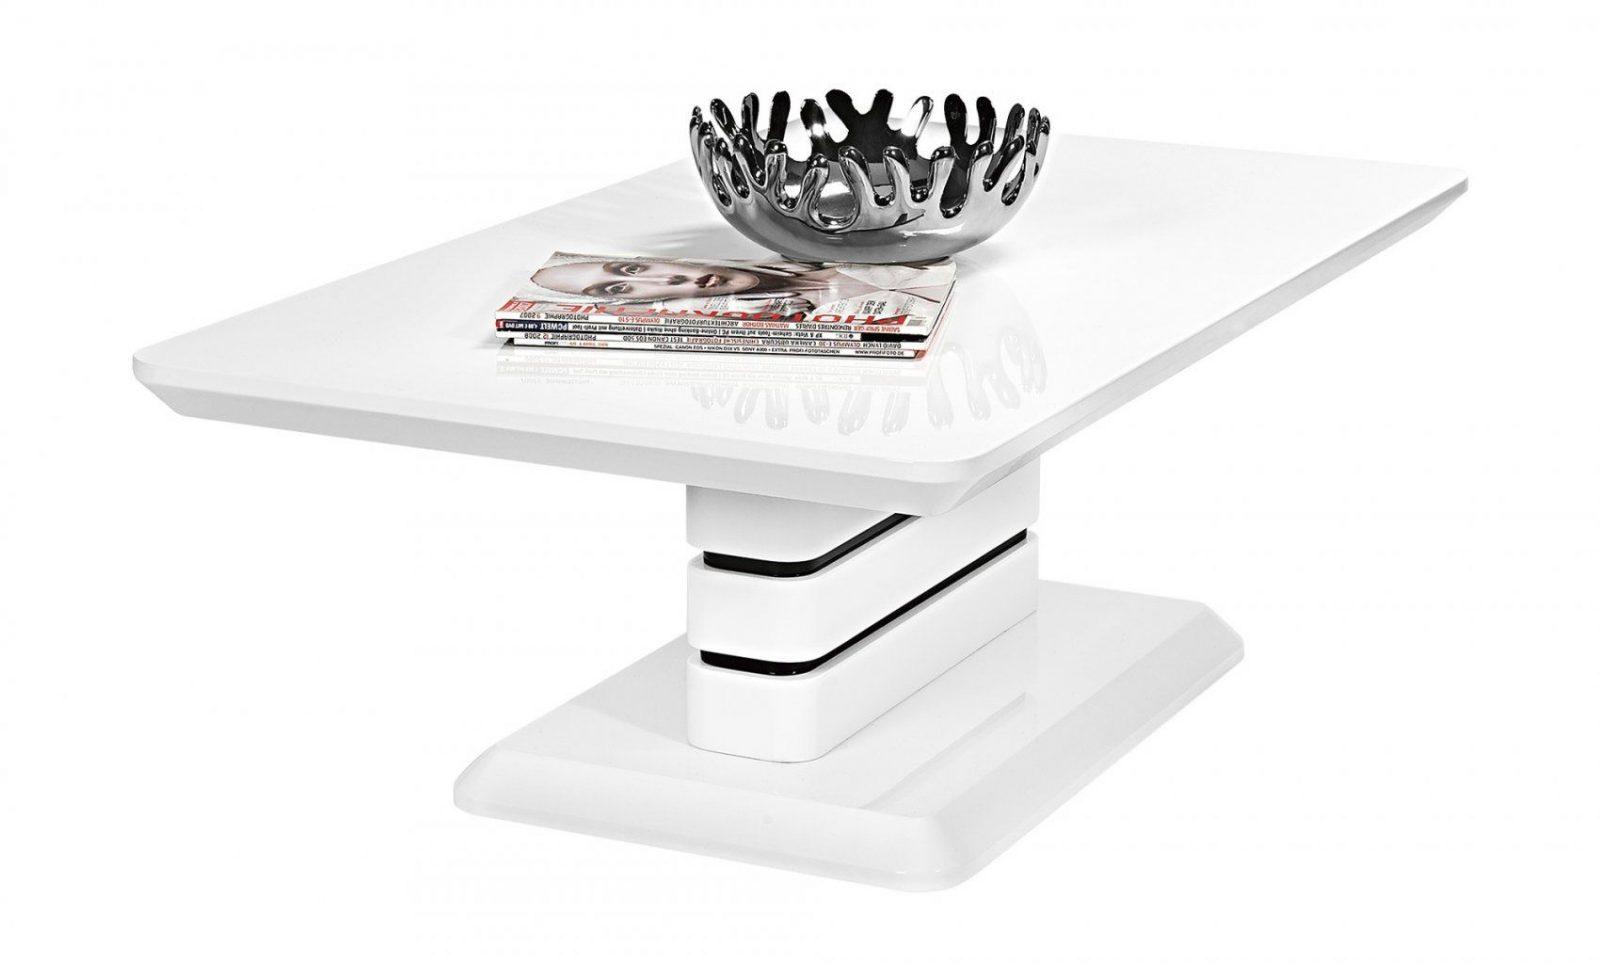 Couchtisch Schwarz Weiß Eckig  Bei Möbel Kraft Online Kaufen von Möbel Kraft Couchtisch Bild